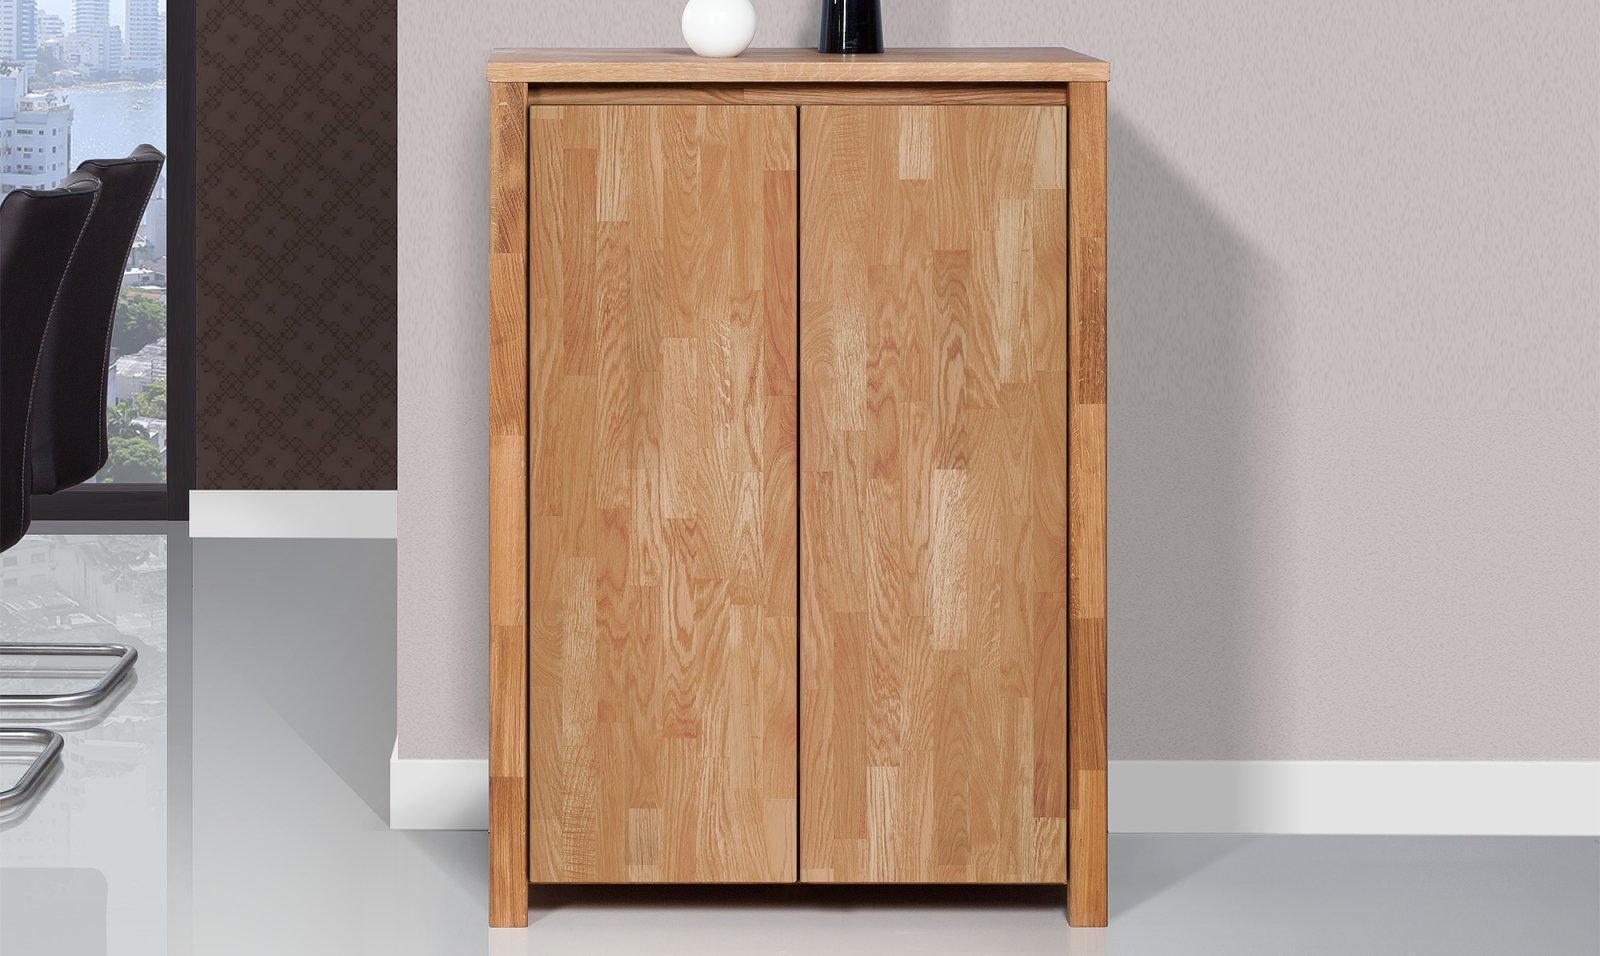 Komoda VINCI wysoka z litego drewna